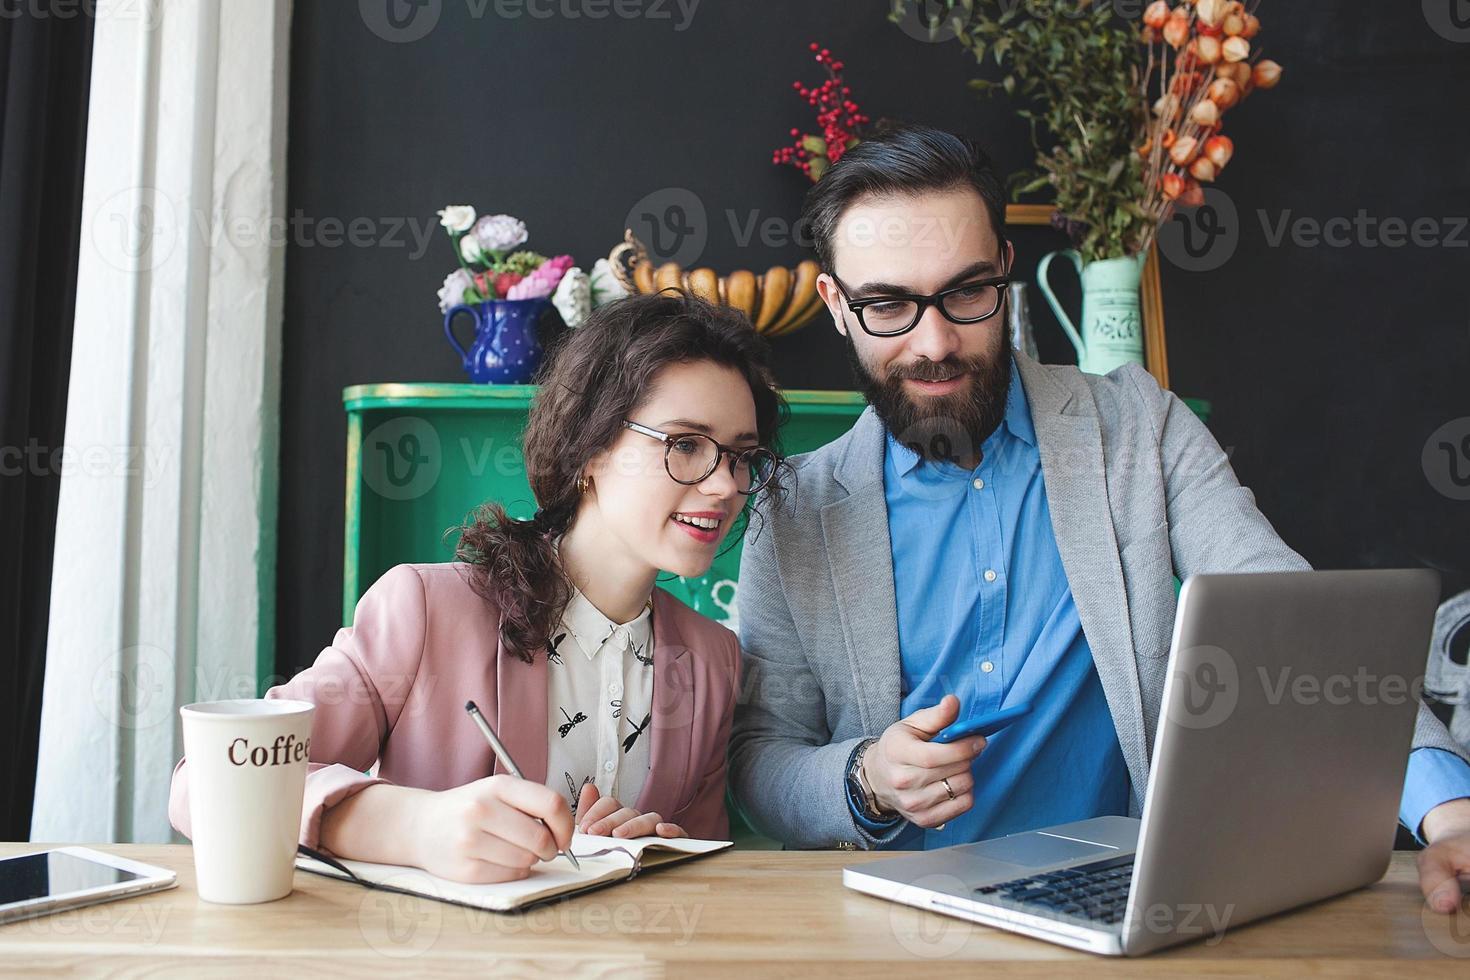 modernes Team arbeitet im Café mit Laptop, Smartphone mit Kaffee foto